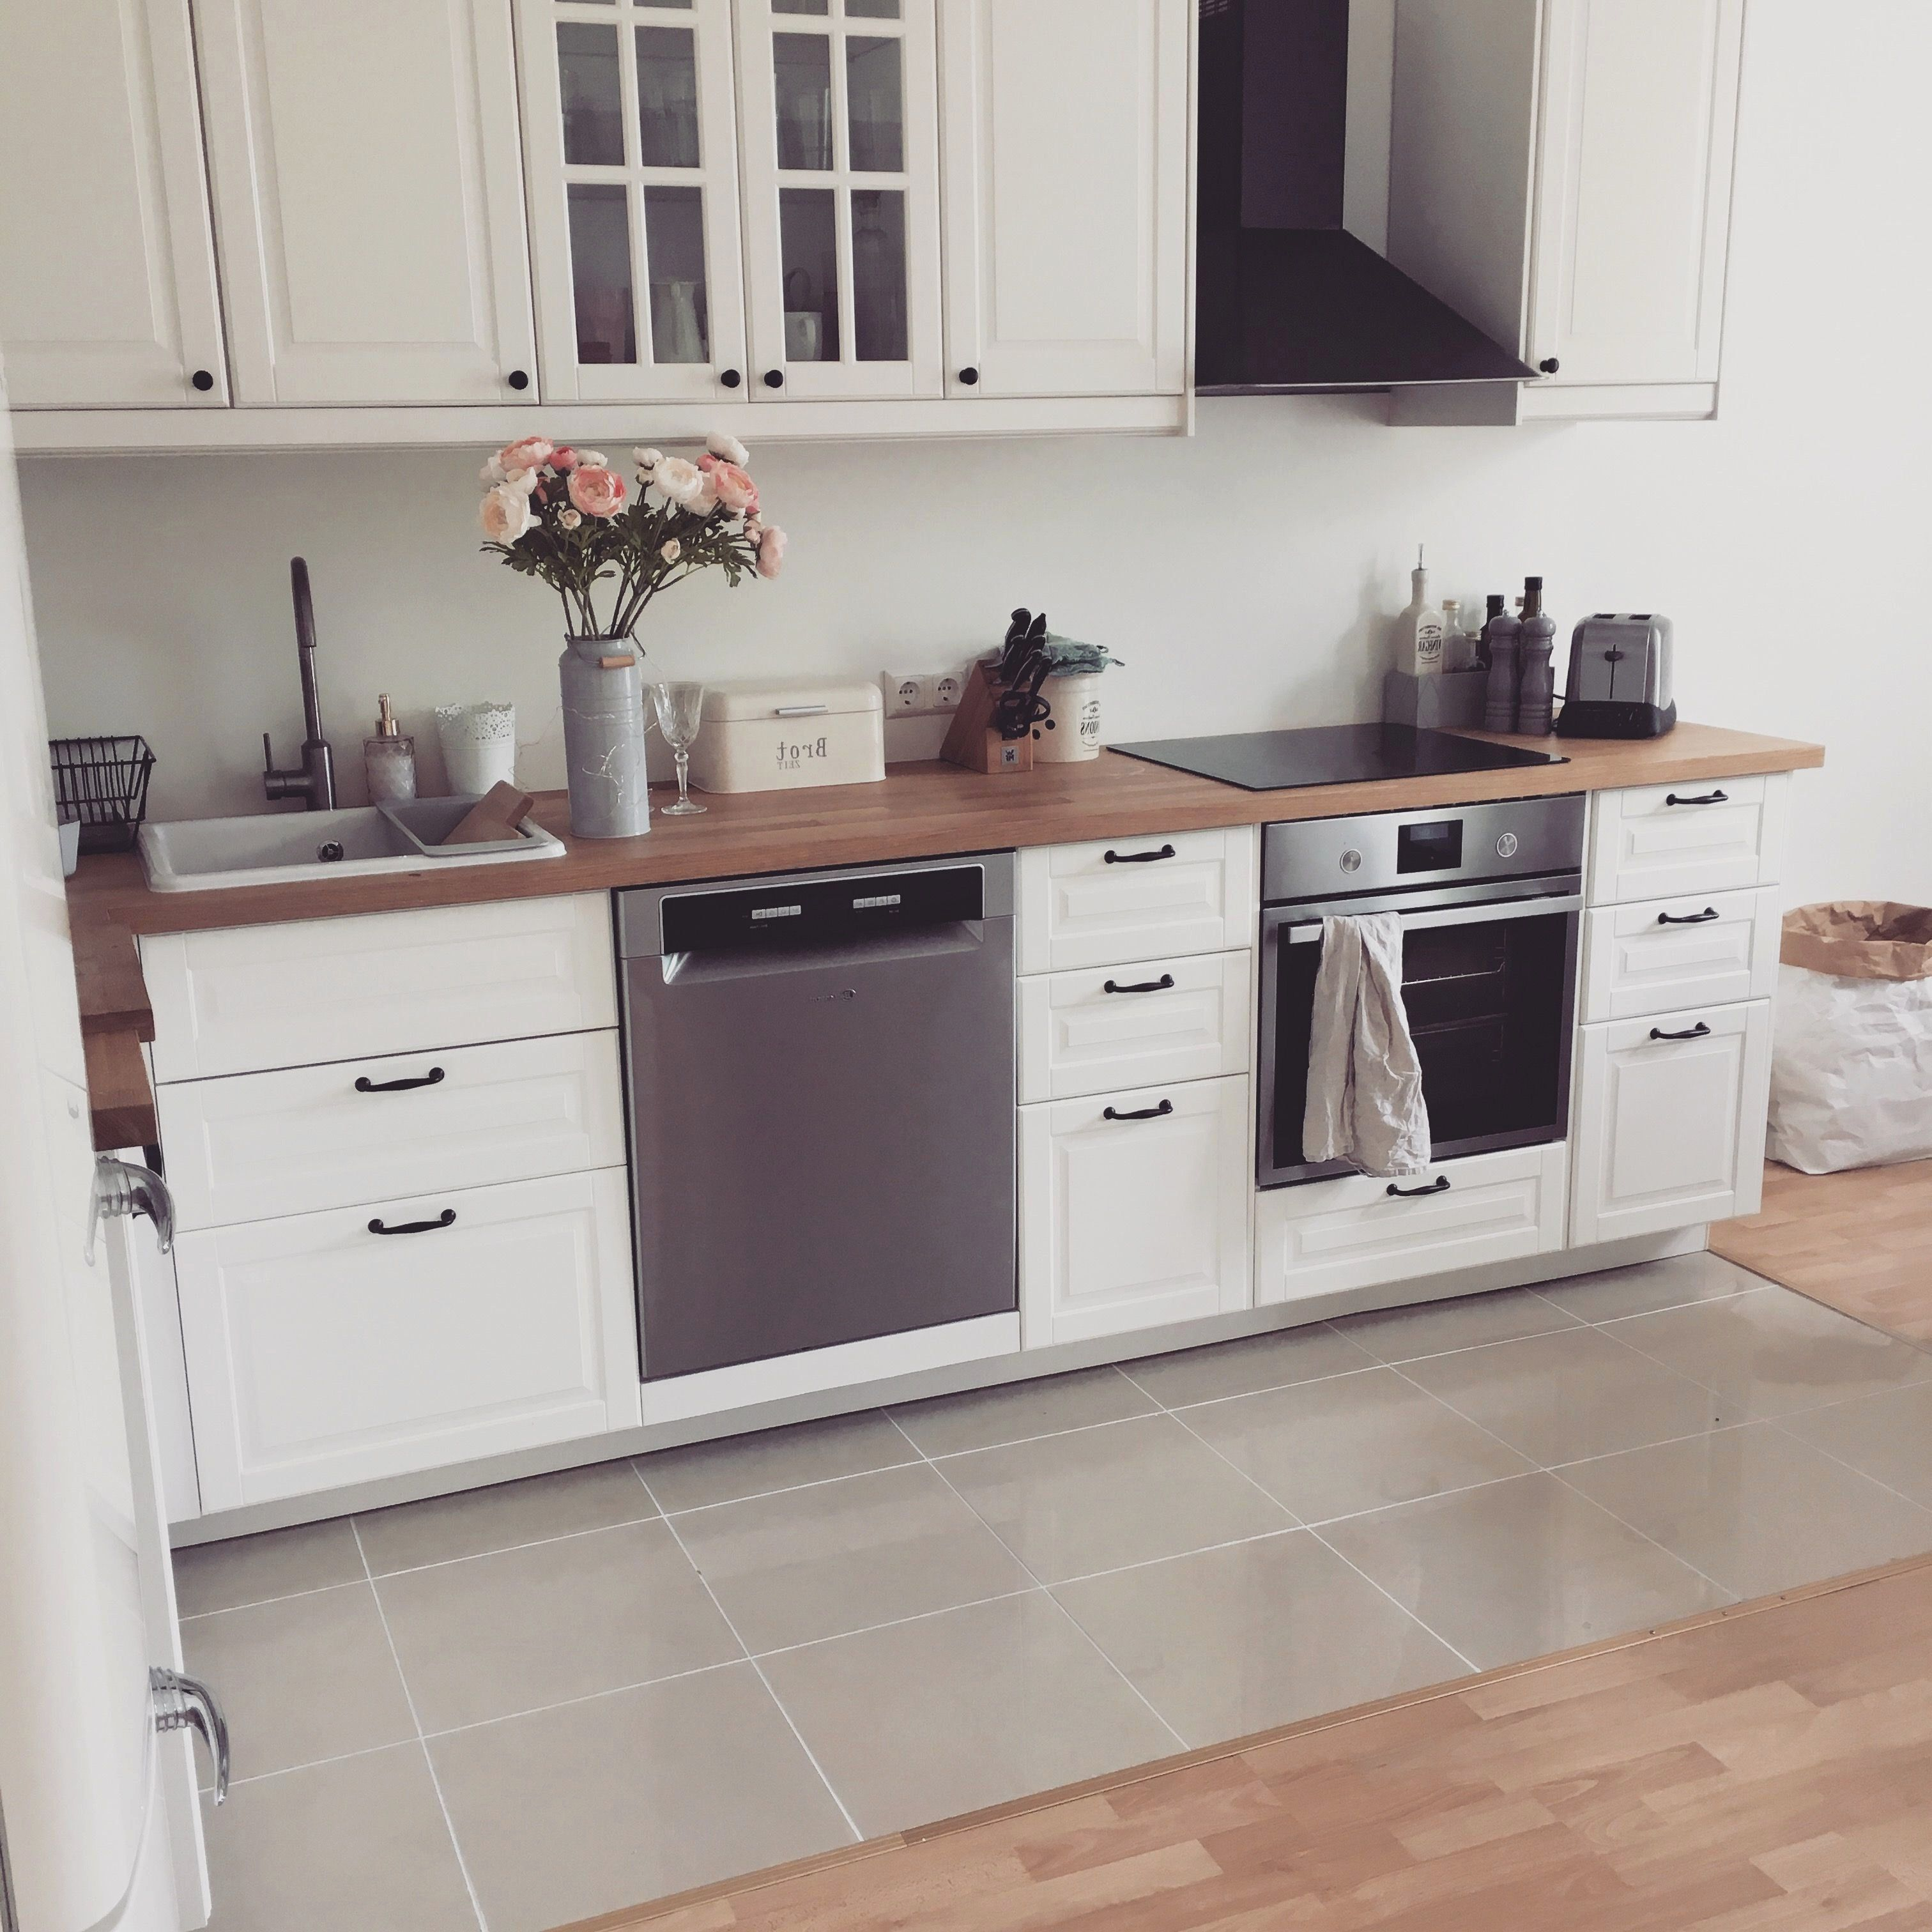 Granit Arbeitsplatte Ikea Schon 31 Fresh Ikea Veddinge White Kitchen Cartilagemdetubarao Wohnung Kuche Kuche Schwarz Kuchen Design